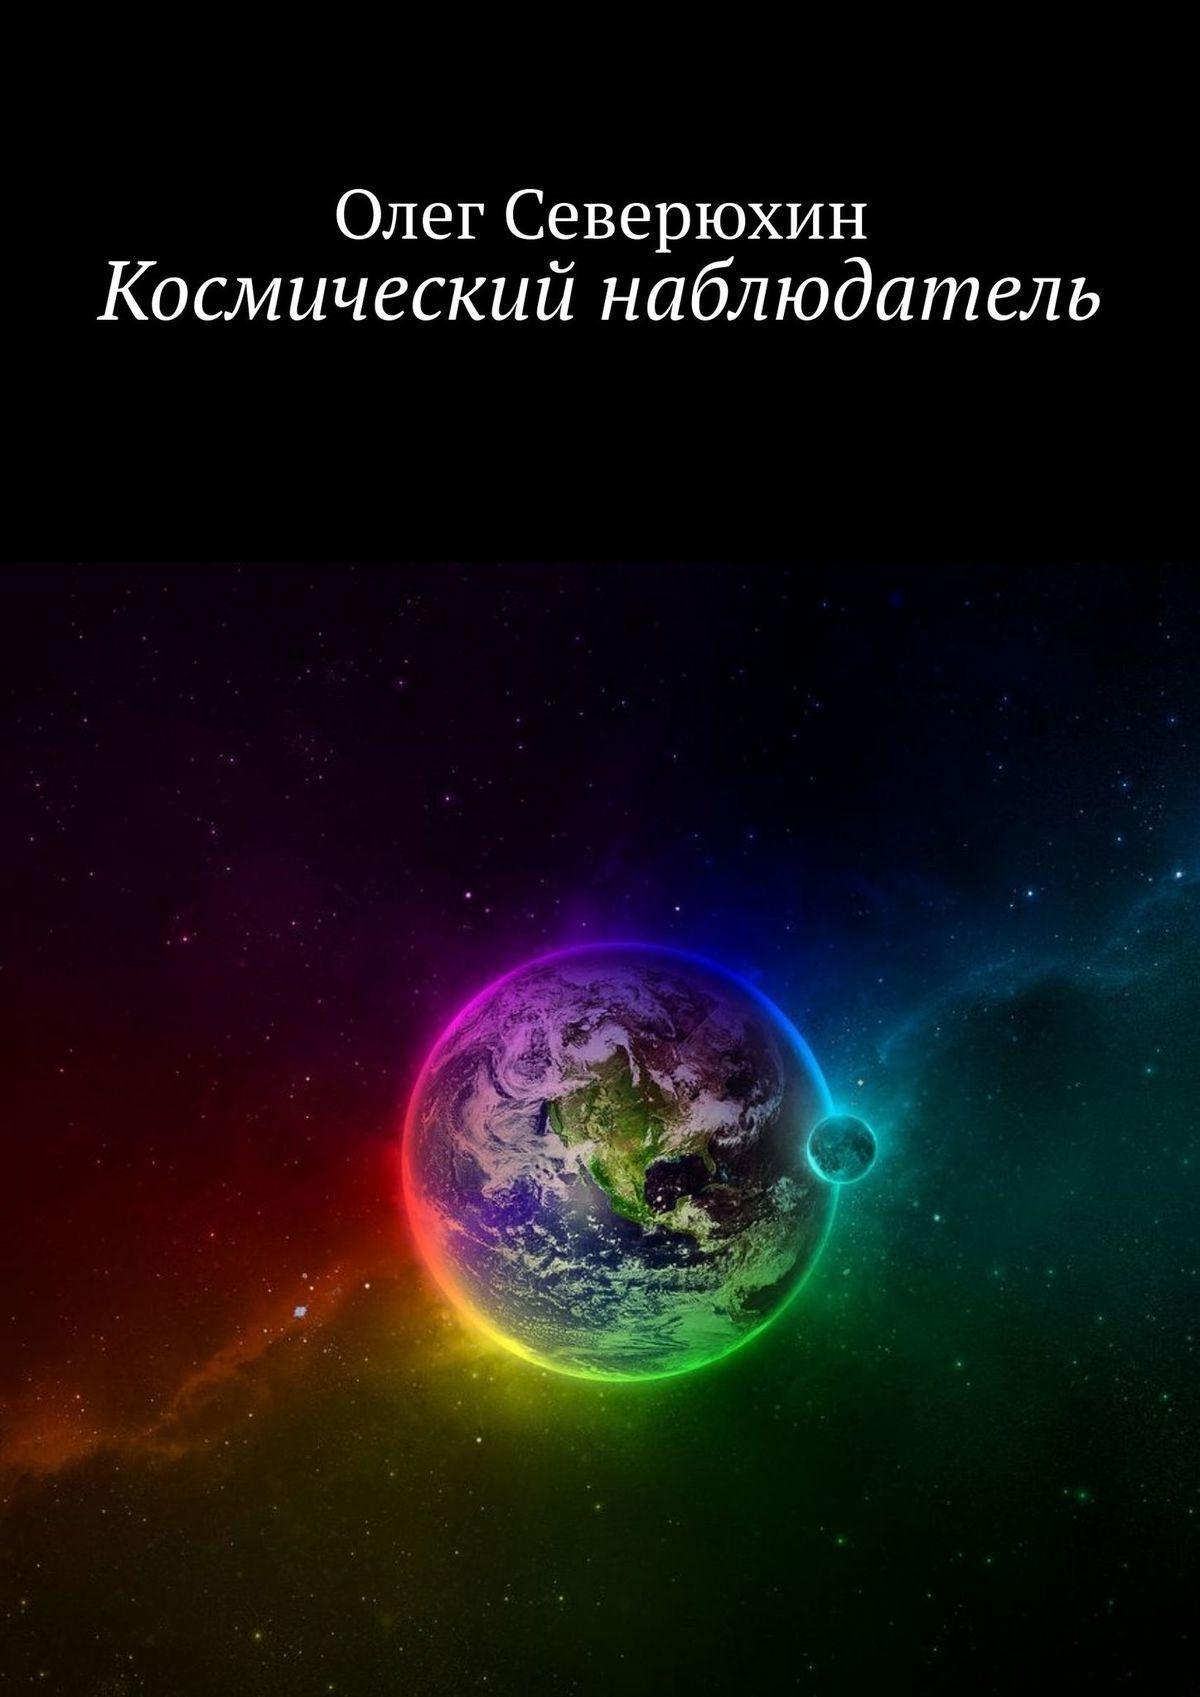 Олег Васильевич Северюхин Космический наблюдатель олег васильевич еремин оказание первой помощи действия в чрезвычайных ситуациях